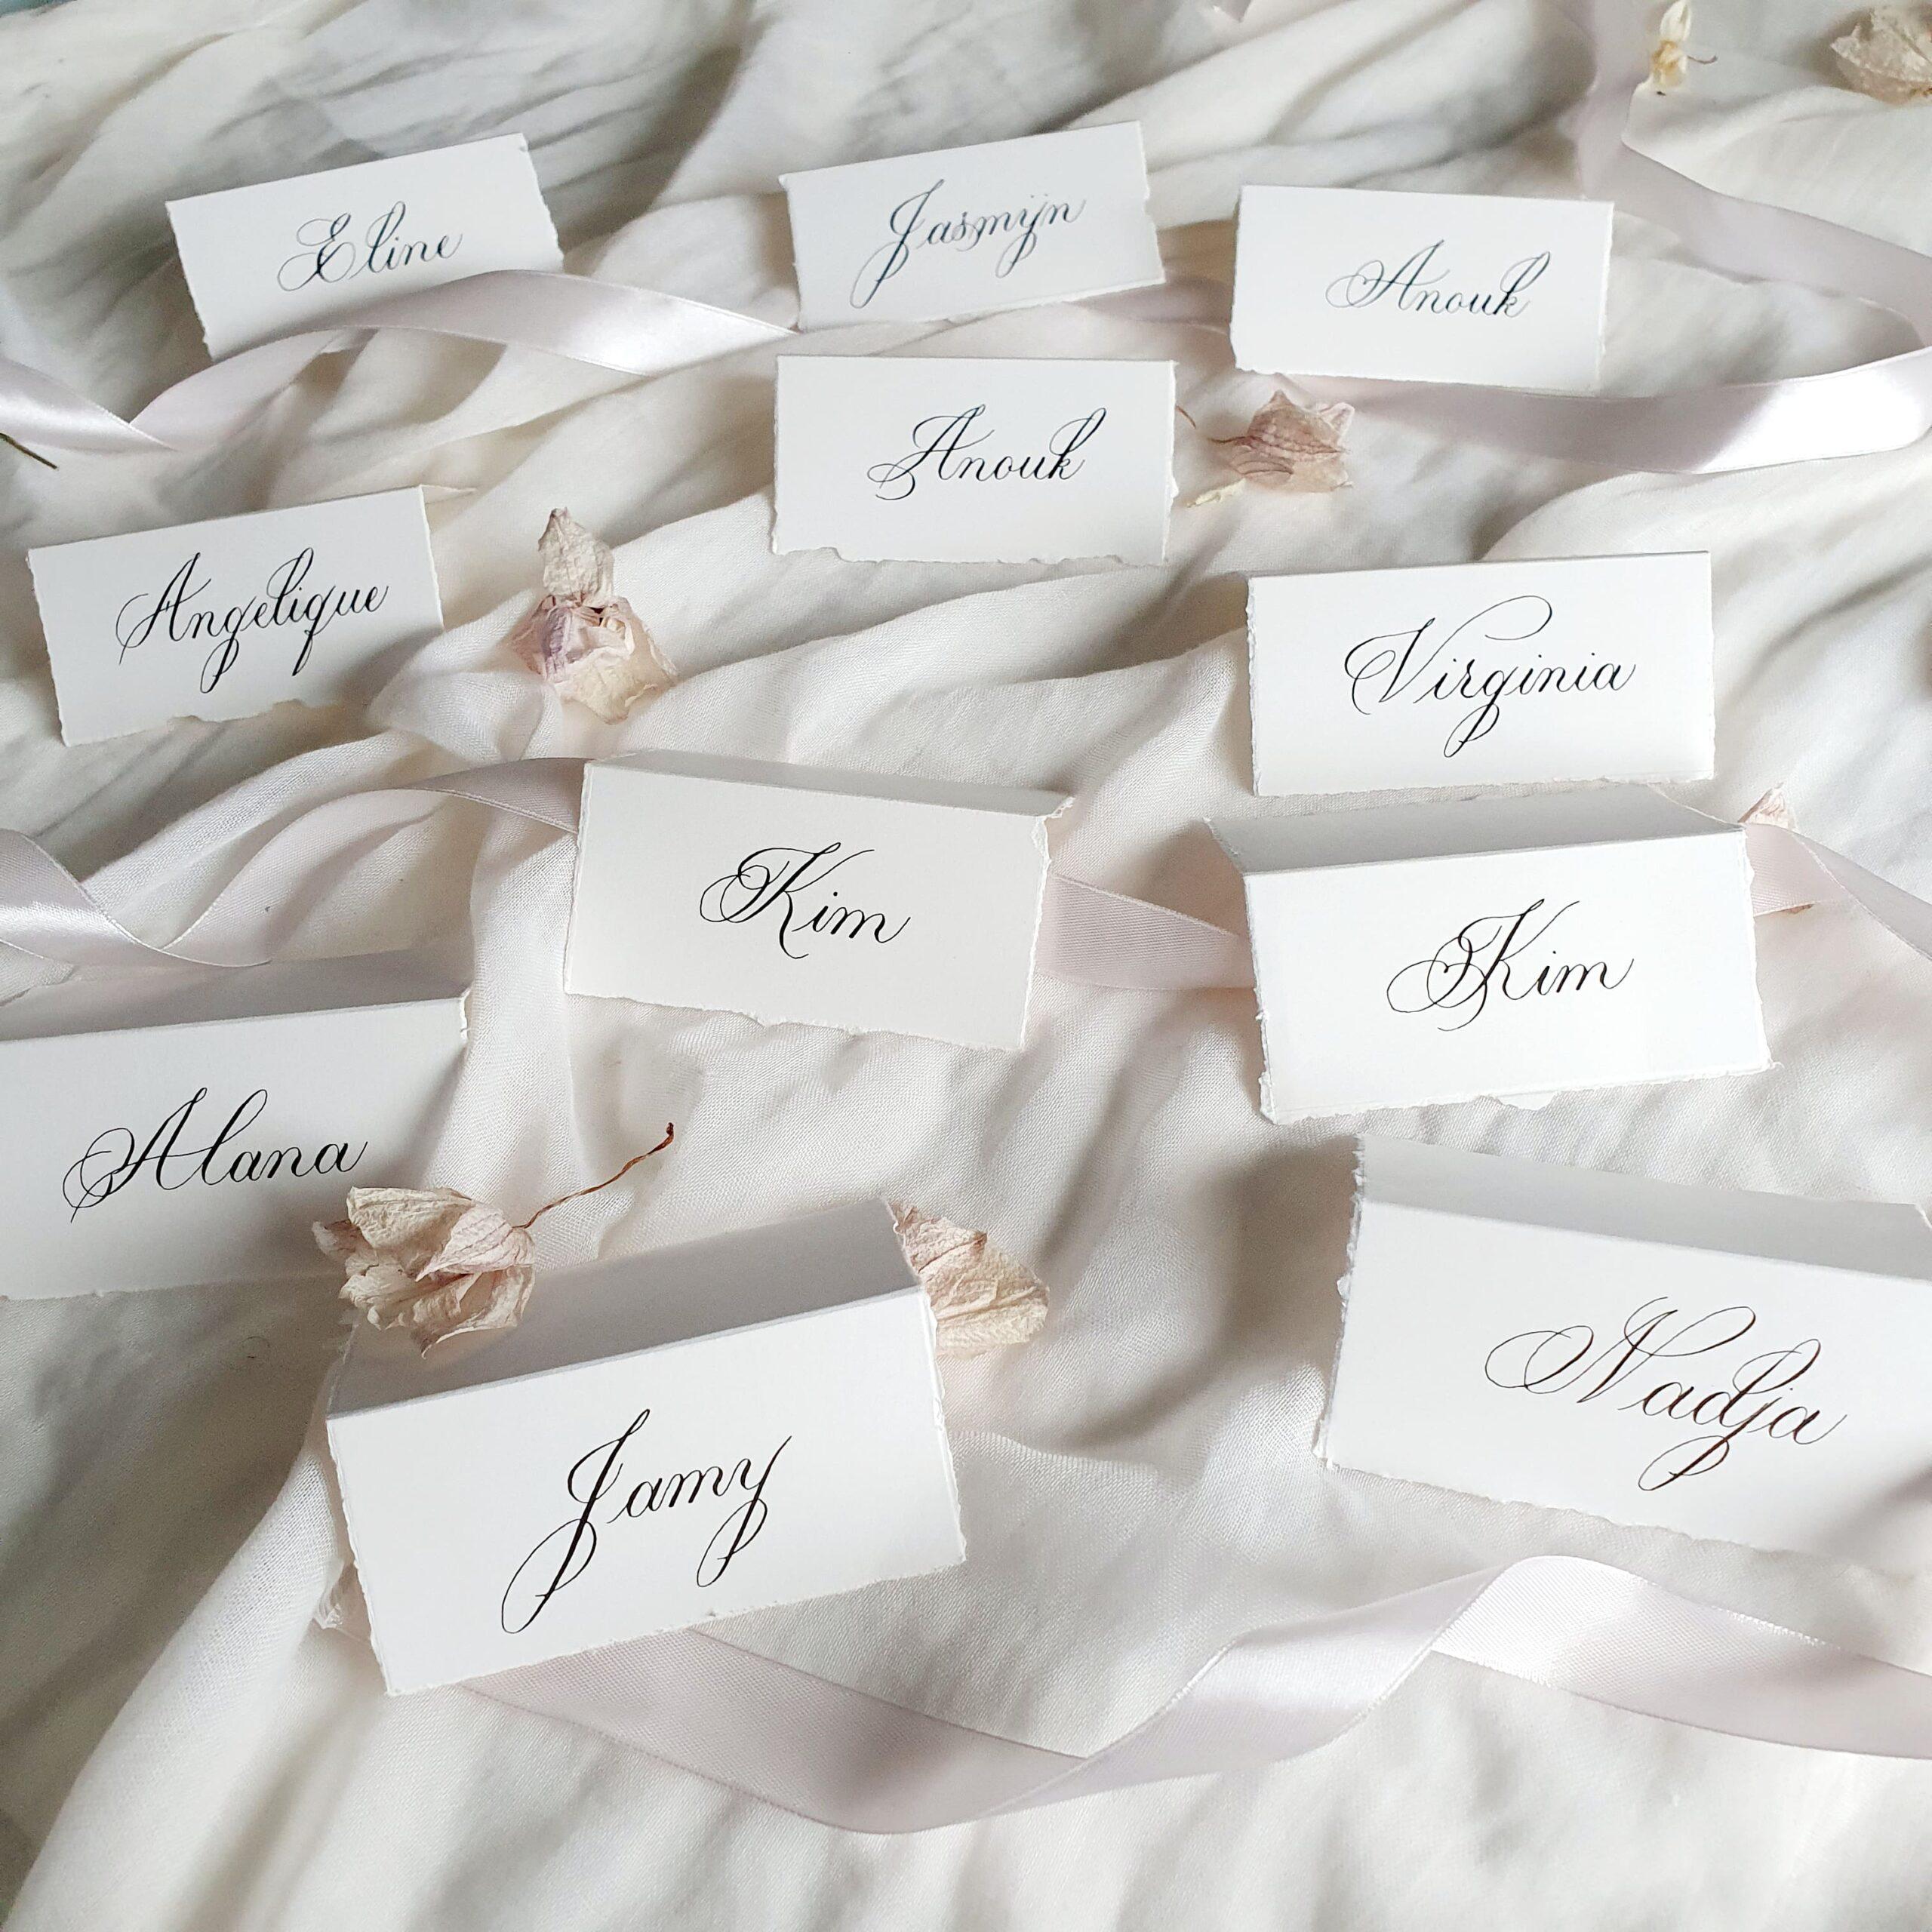 naamkaartjes klassieke kalligrafie